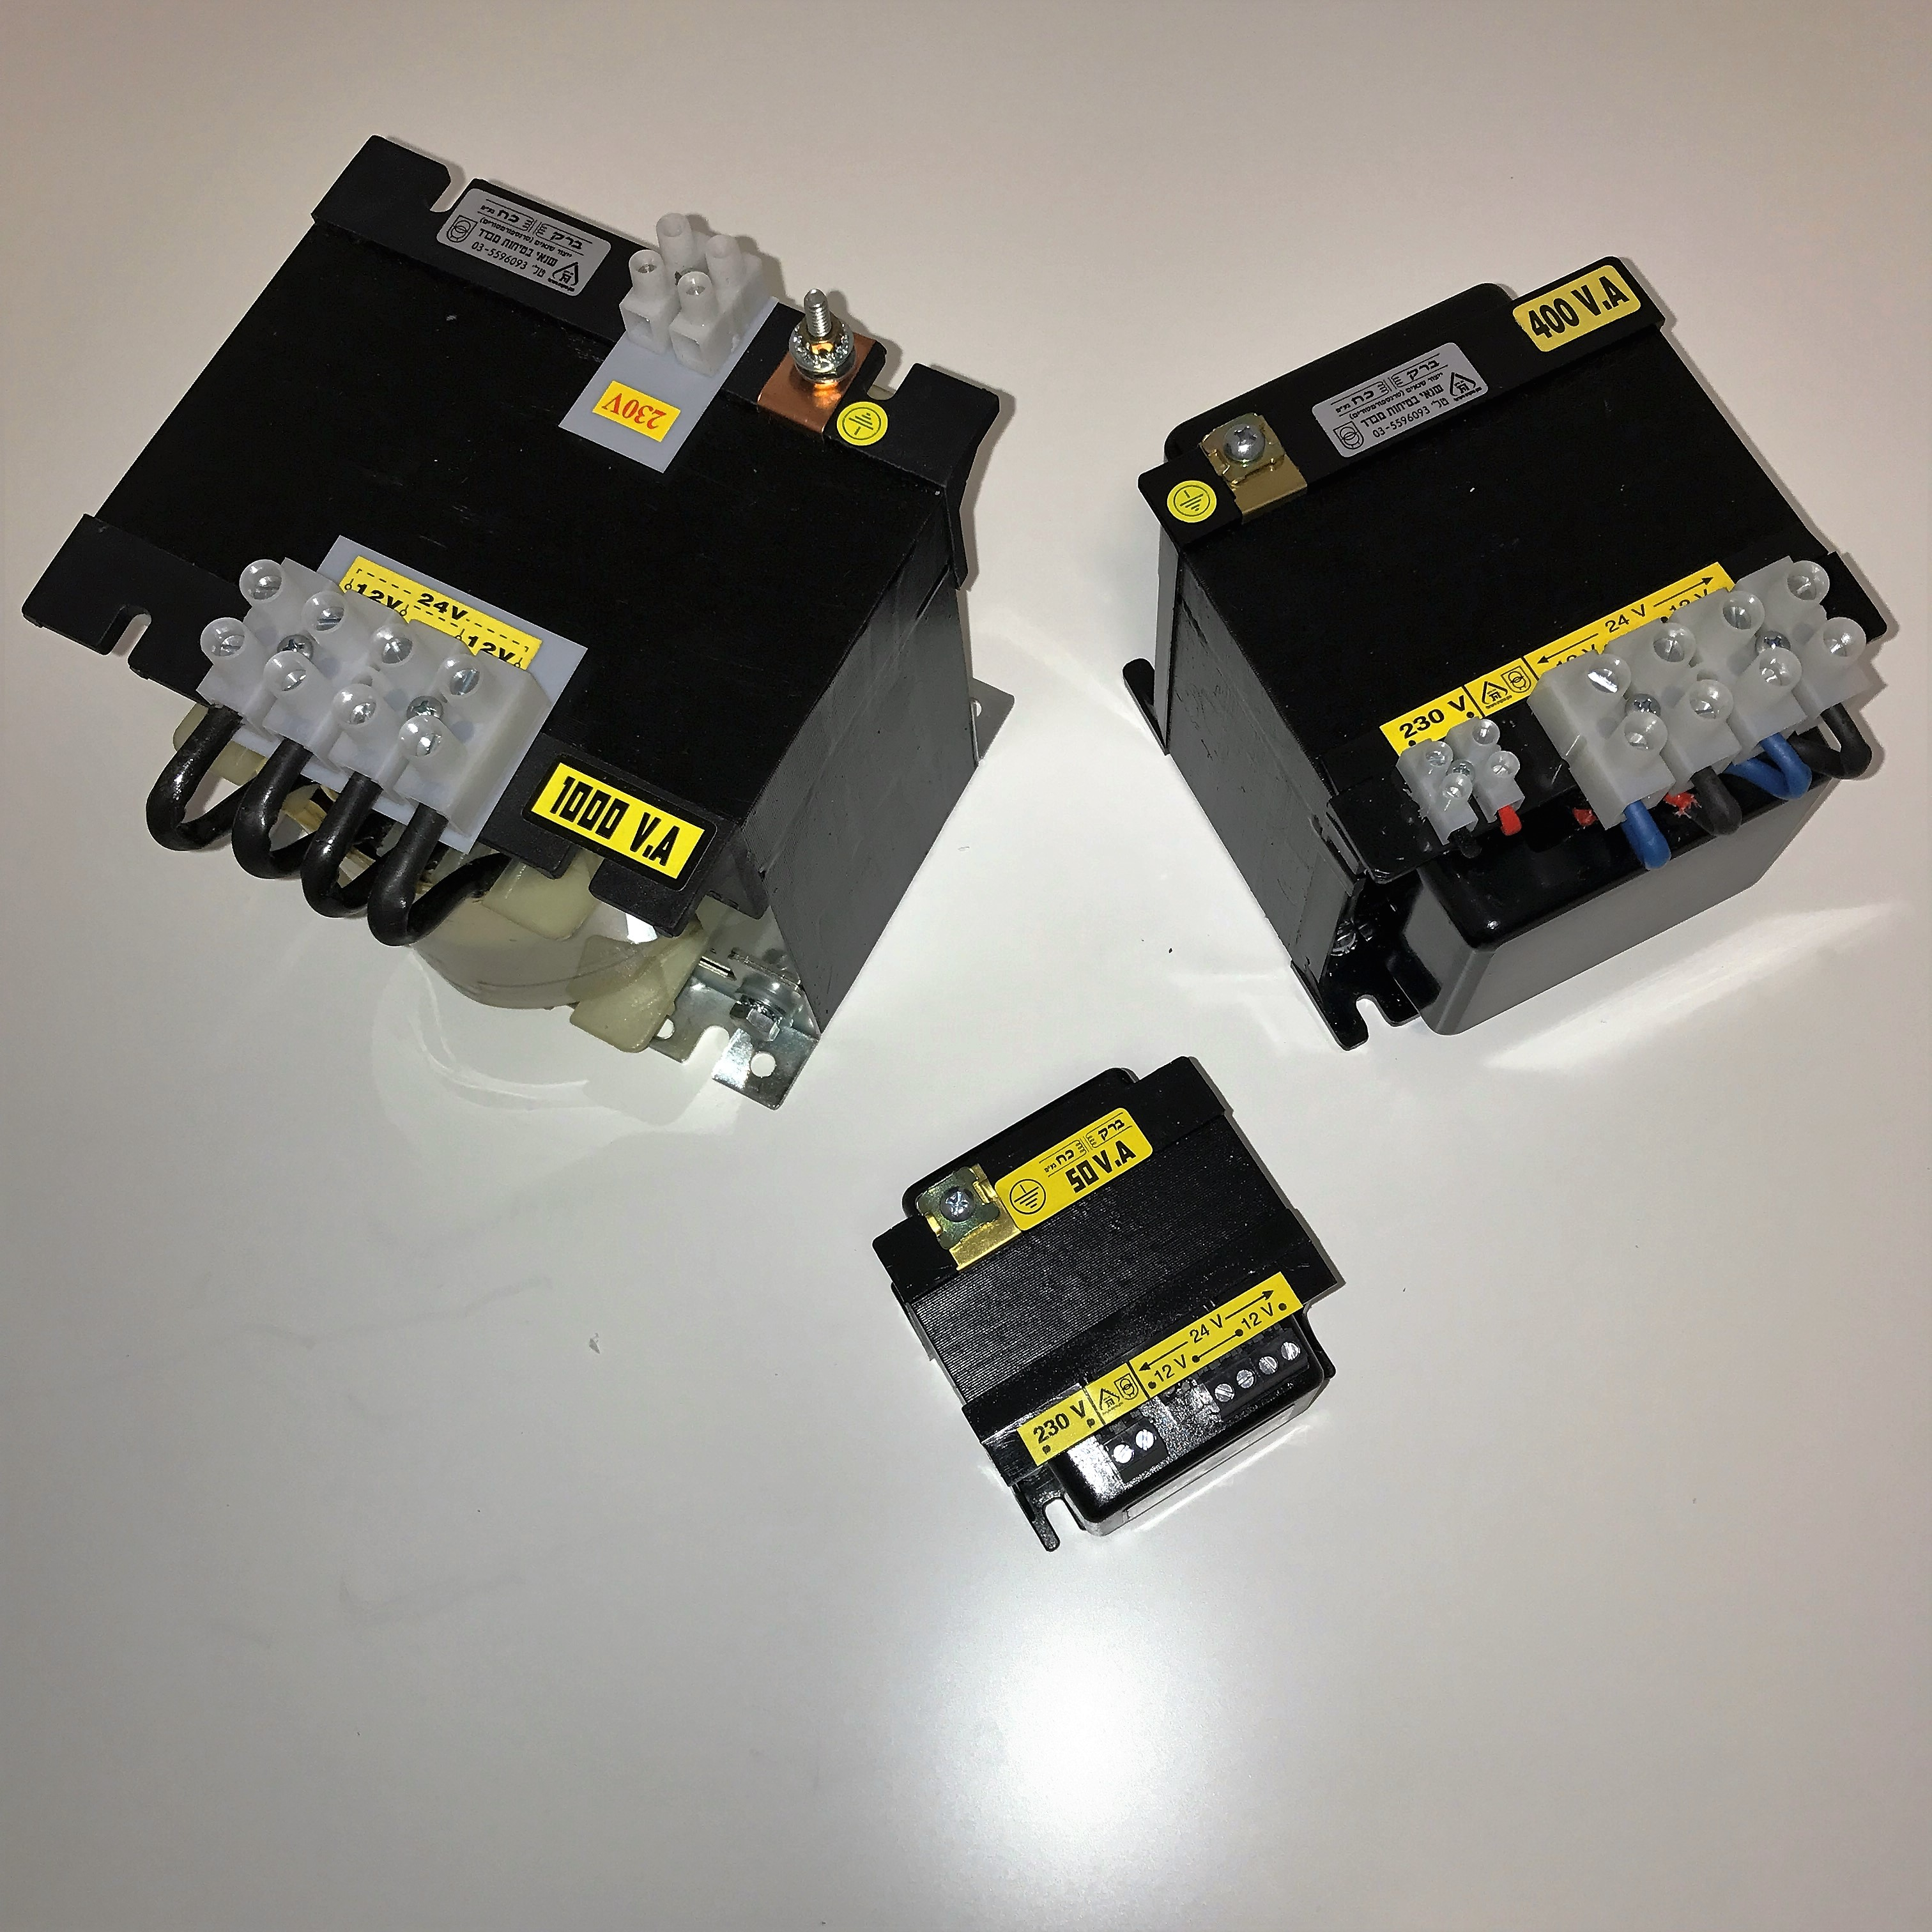 שנאי מבדל בהספק 6000VA במתחים 230V-12V